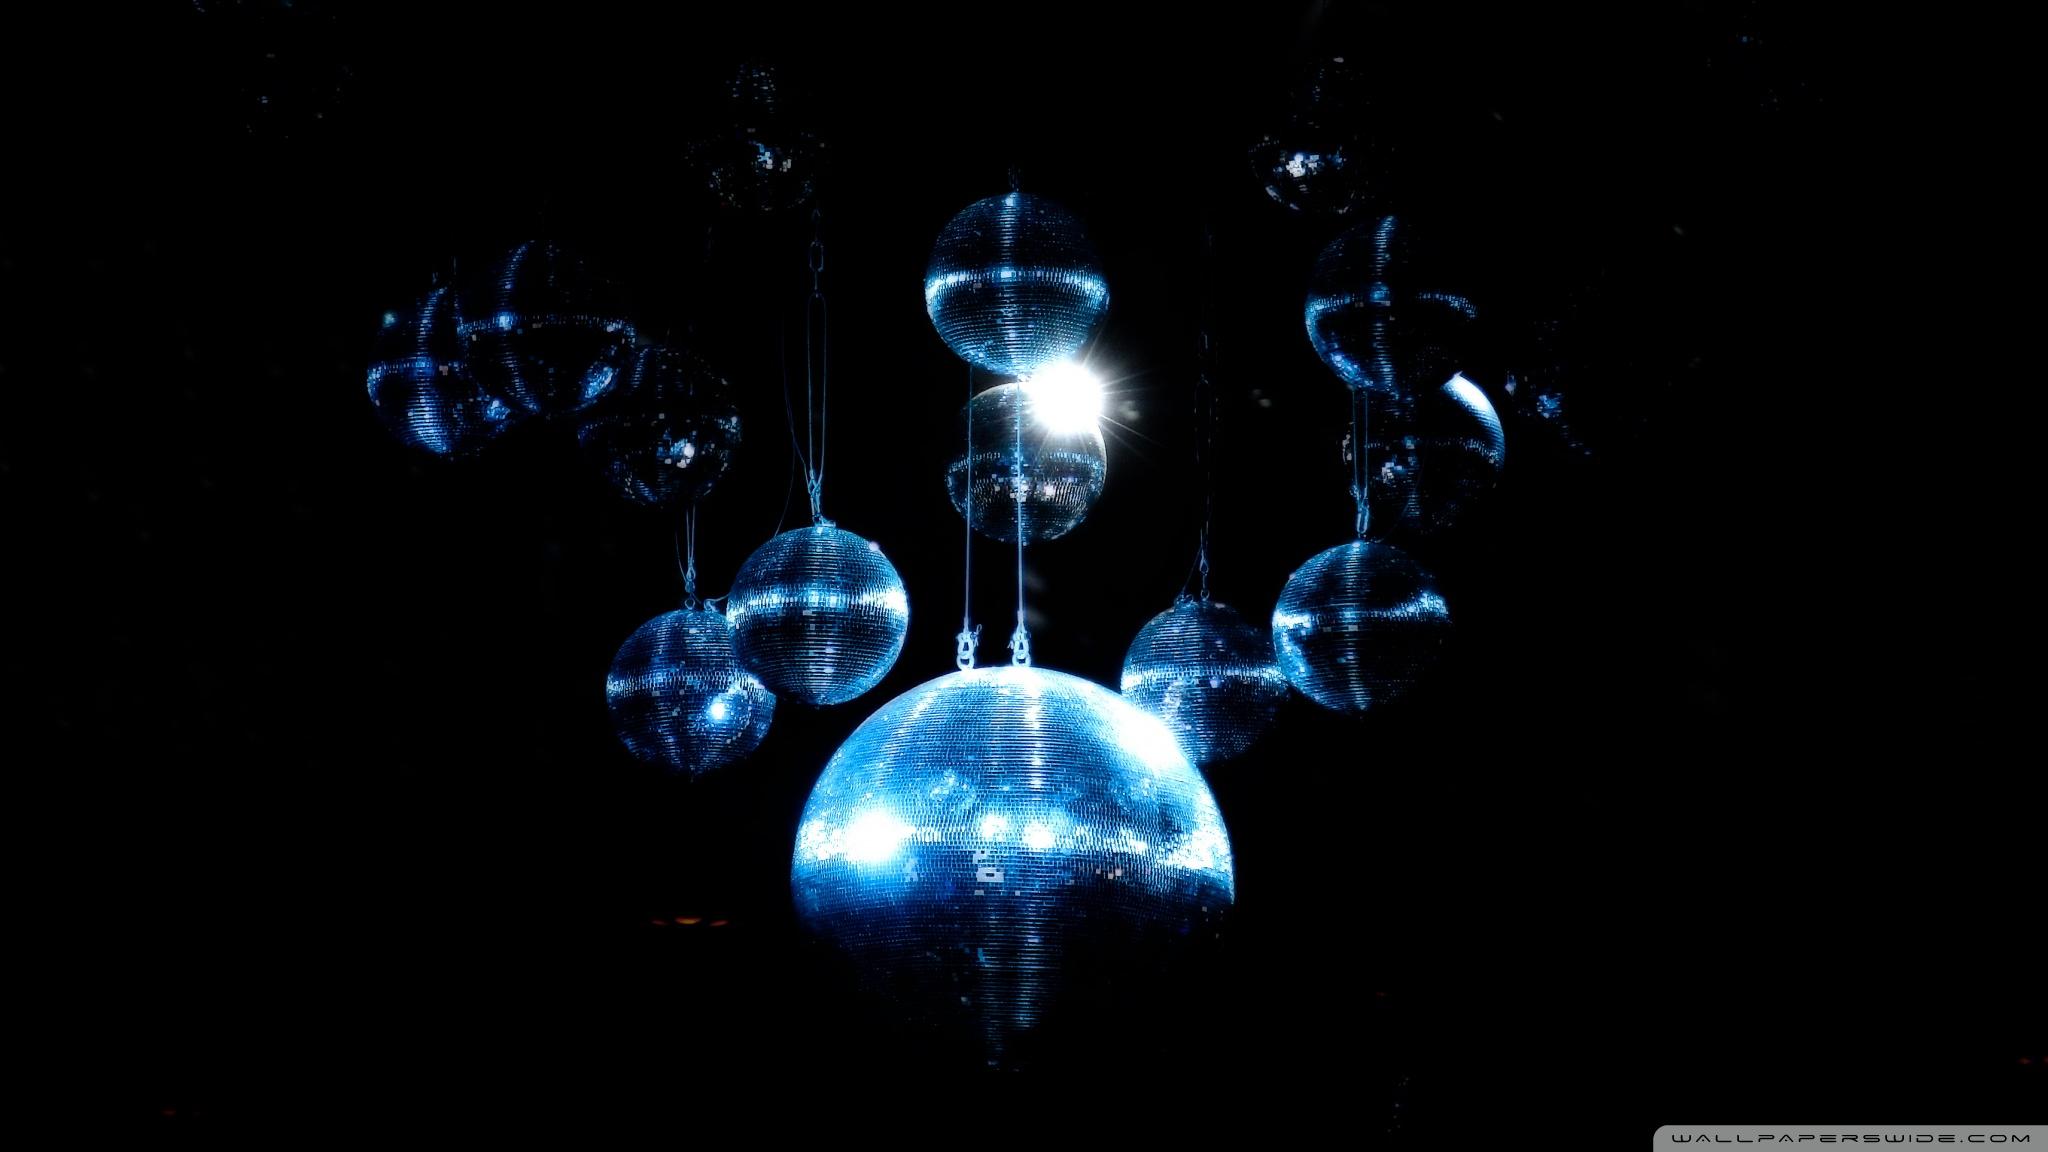 blue disco ball ❤ 4k hd desktop wallpaper for 4k ultra hd tv • wide